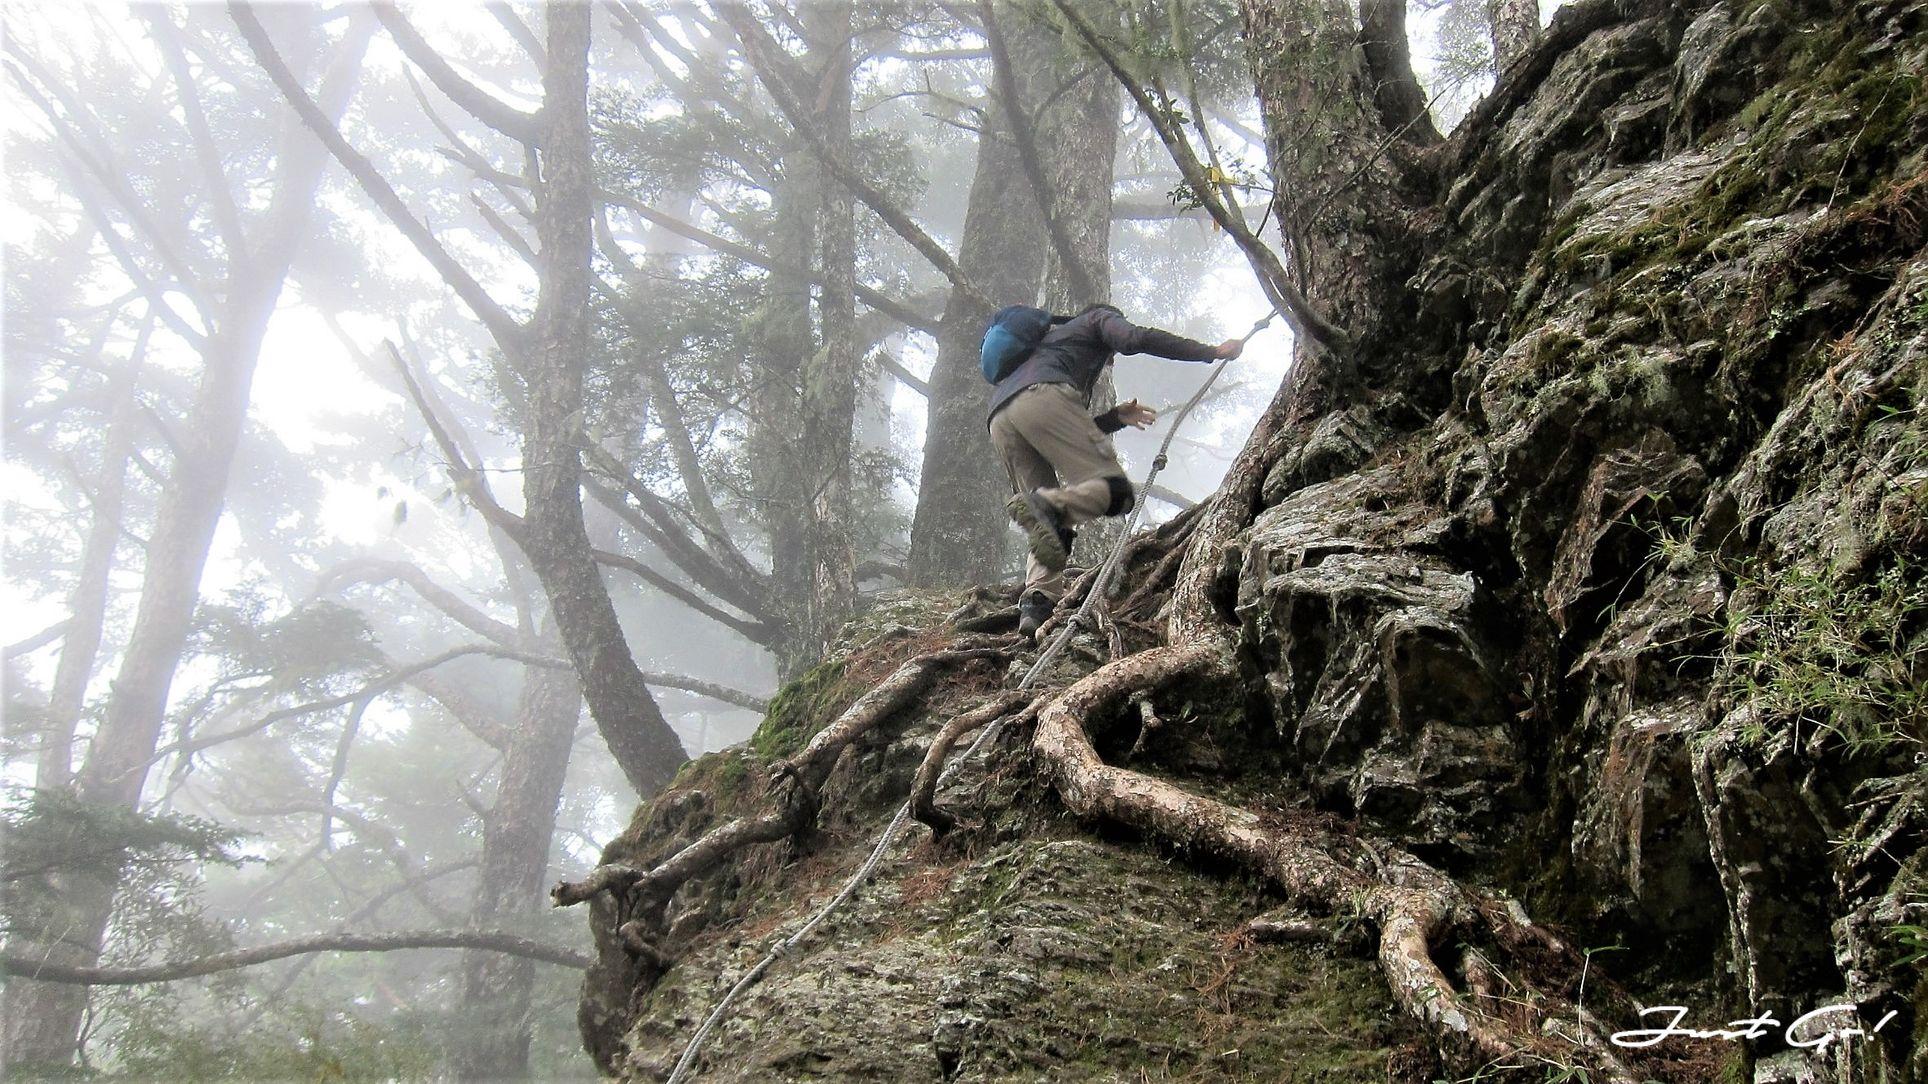 台灣 - 一日百岳·畢祿羊頭縱走單攻紀錄- gpx路線、申請、接駁及遊記22